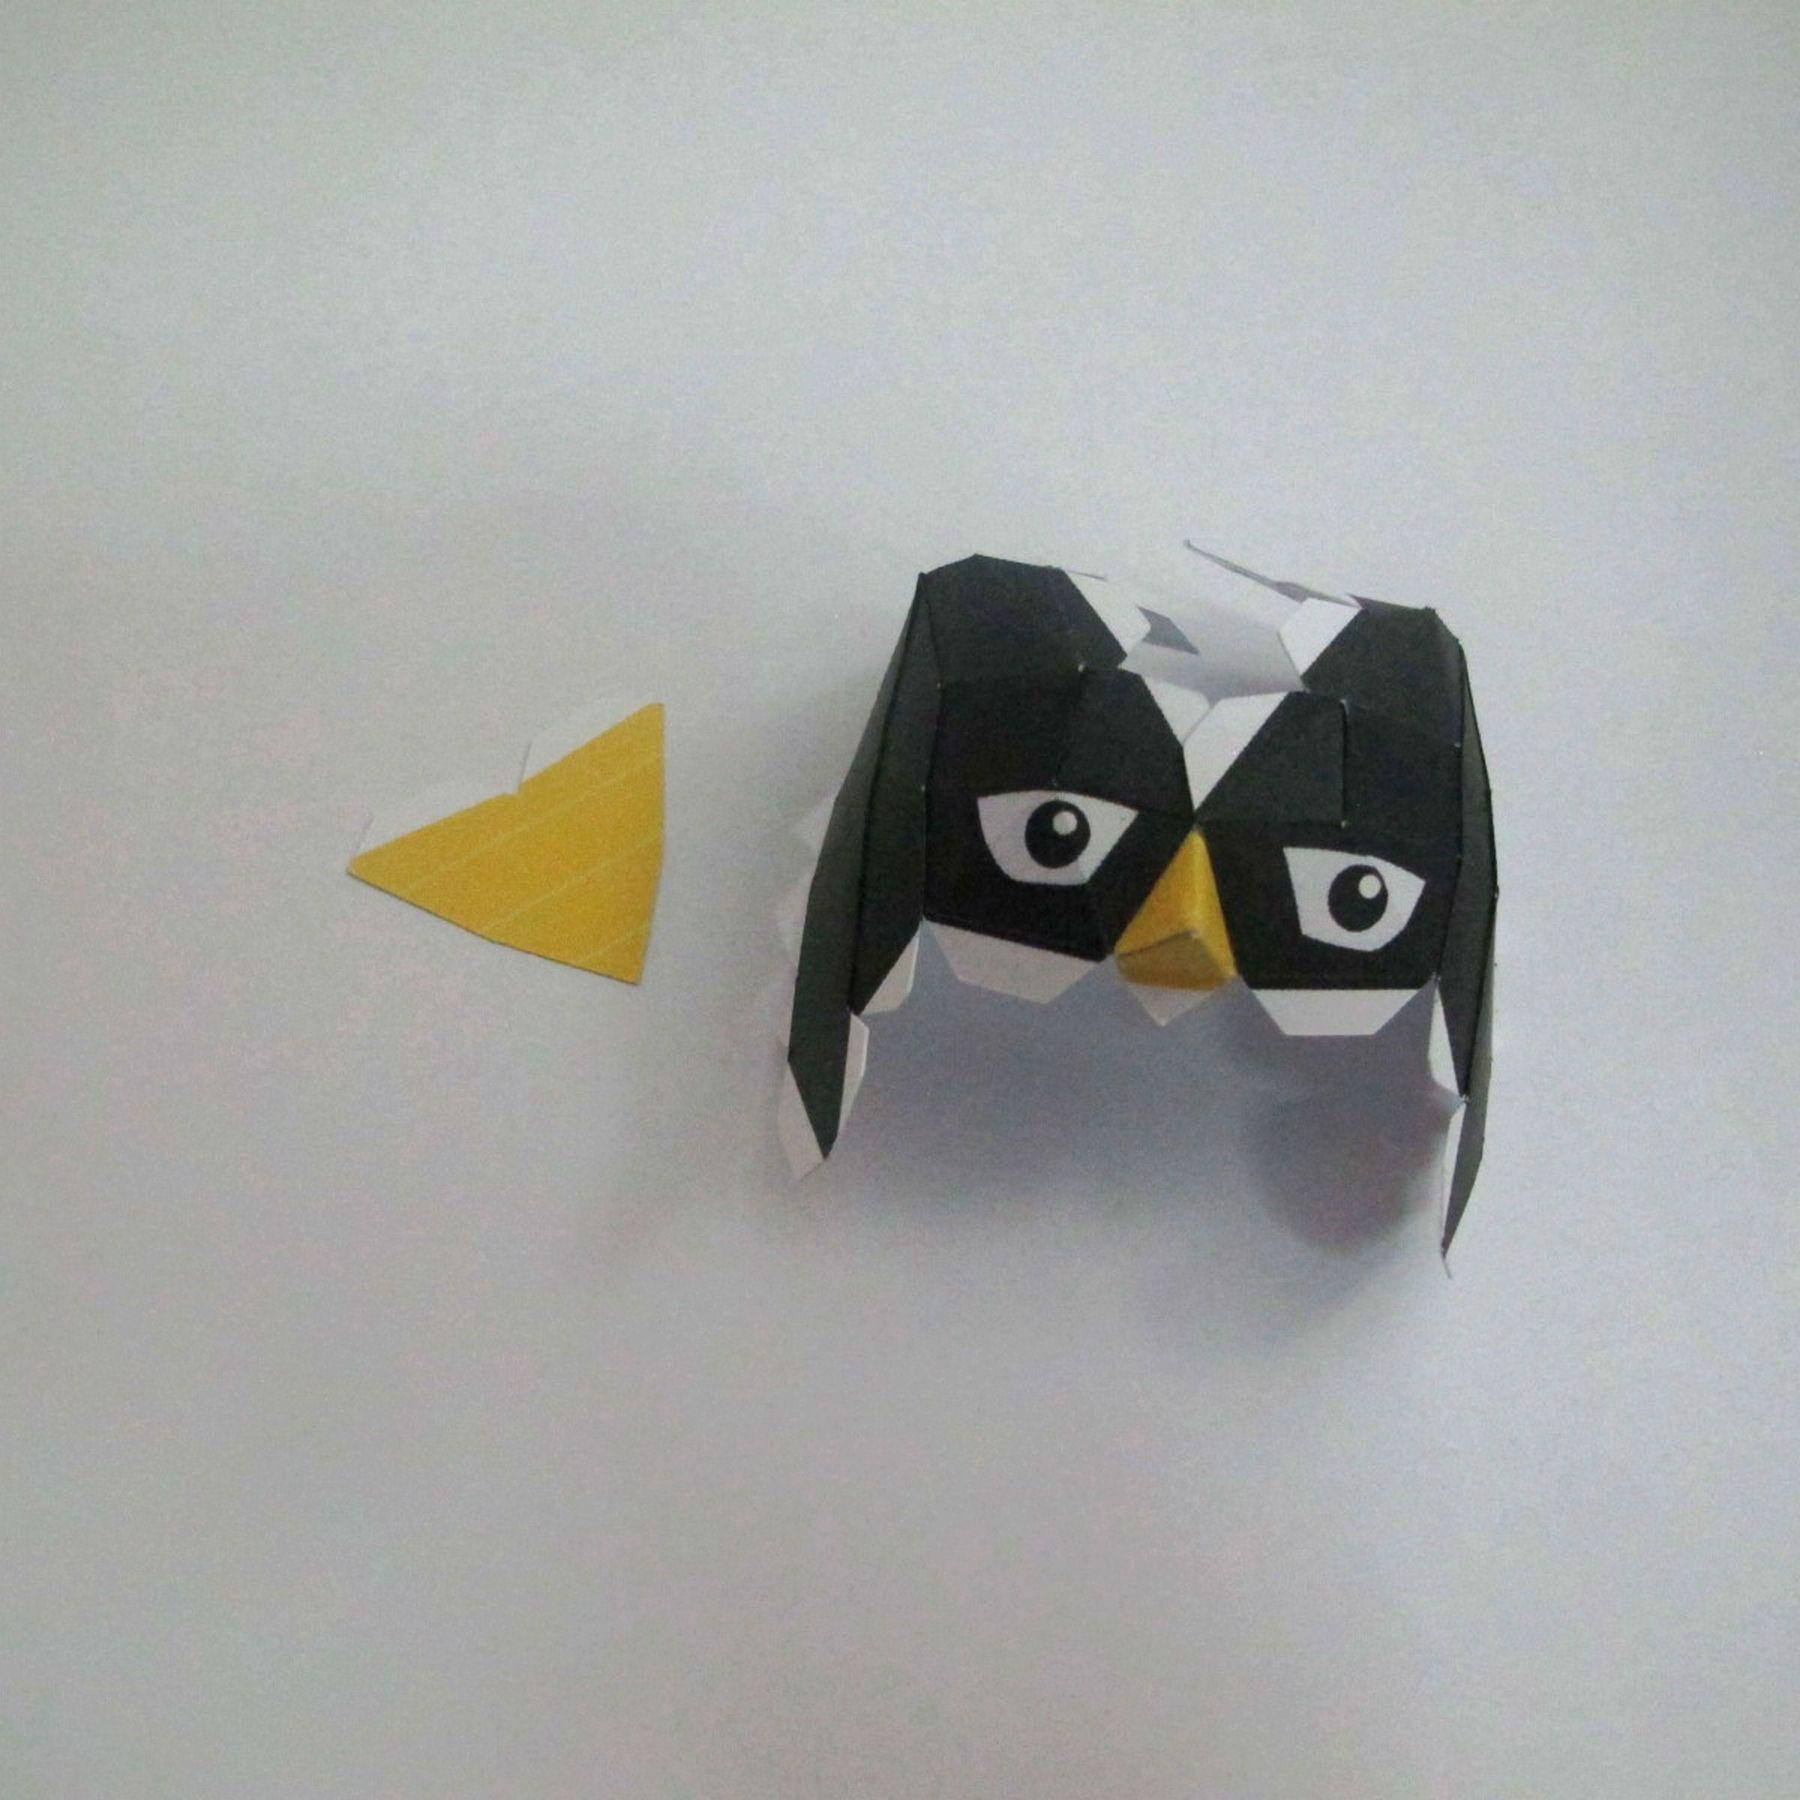 วิธีทำของเล่นโมเดลกระดาษ วูฟเวอรีน (Chibi Wolverine Papercraft Model) 015